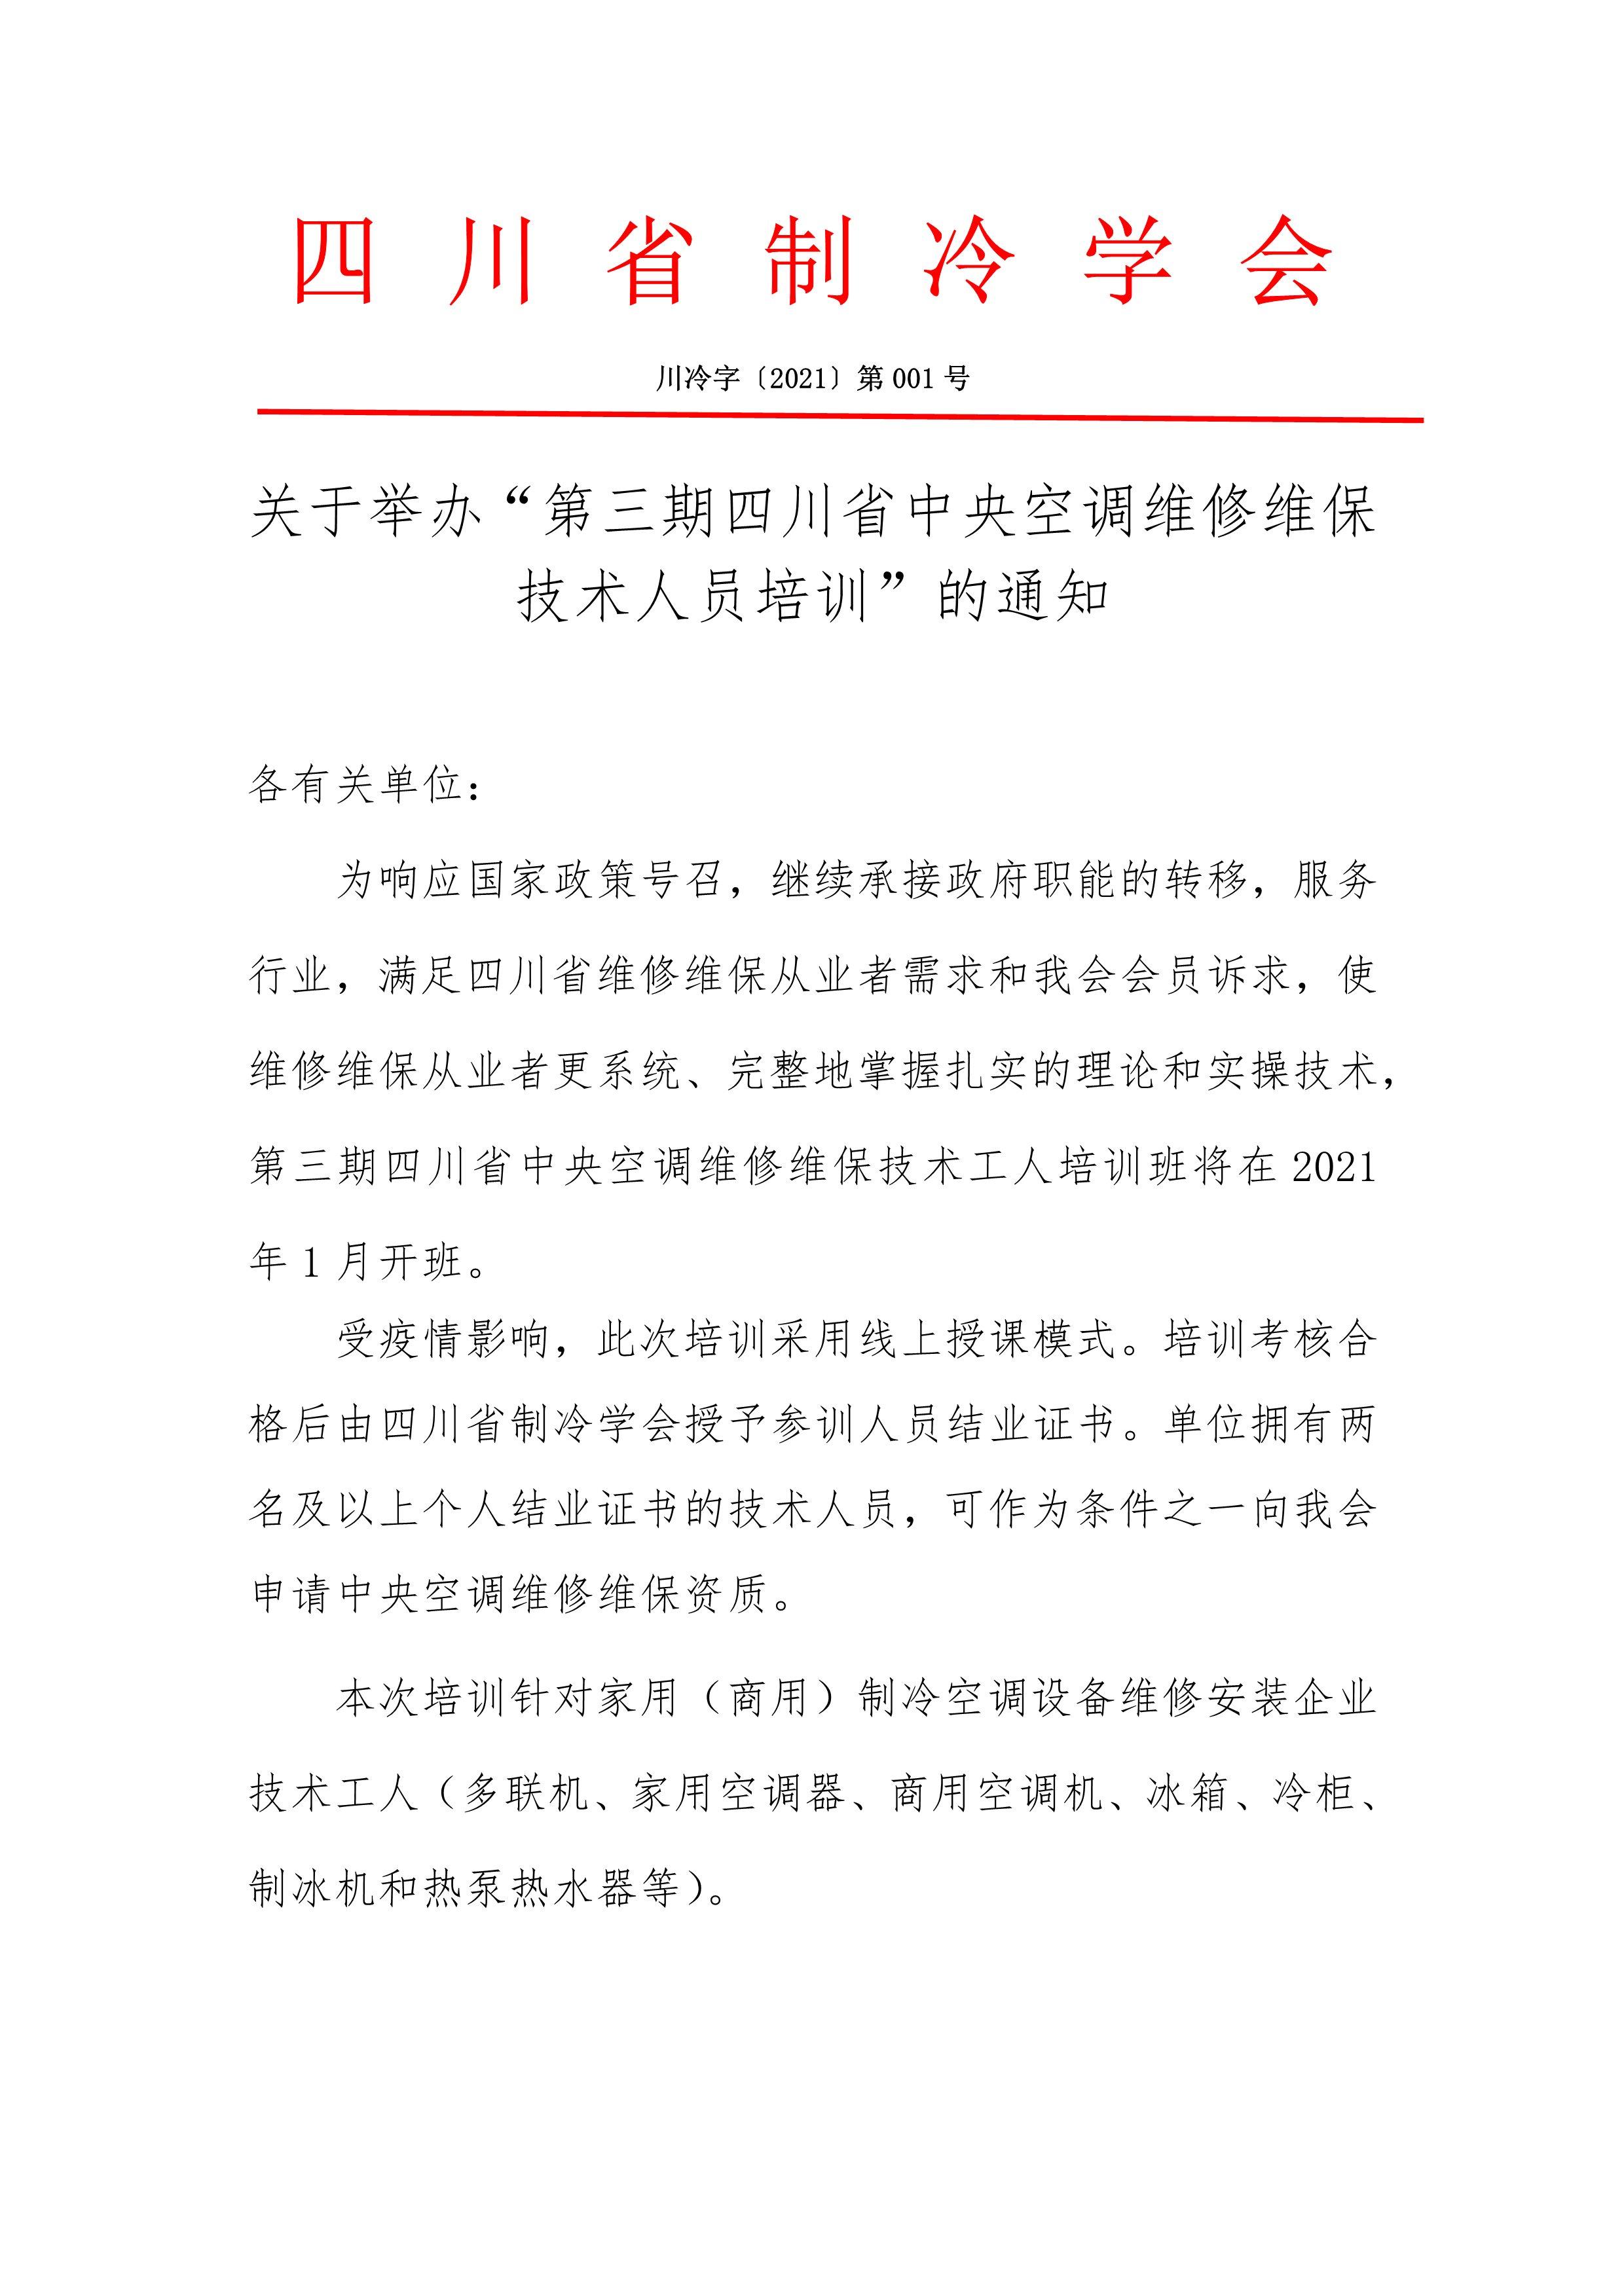 """关于举办""""第三期四川省中央空调维修维保技术人员培训""""的通知"""